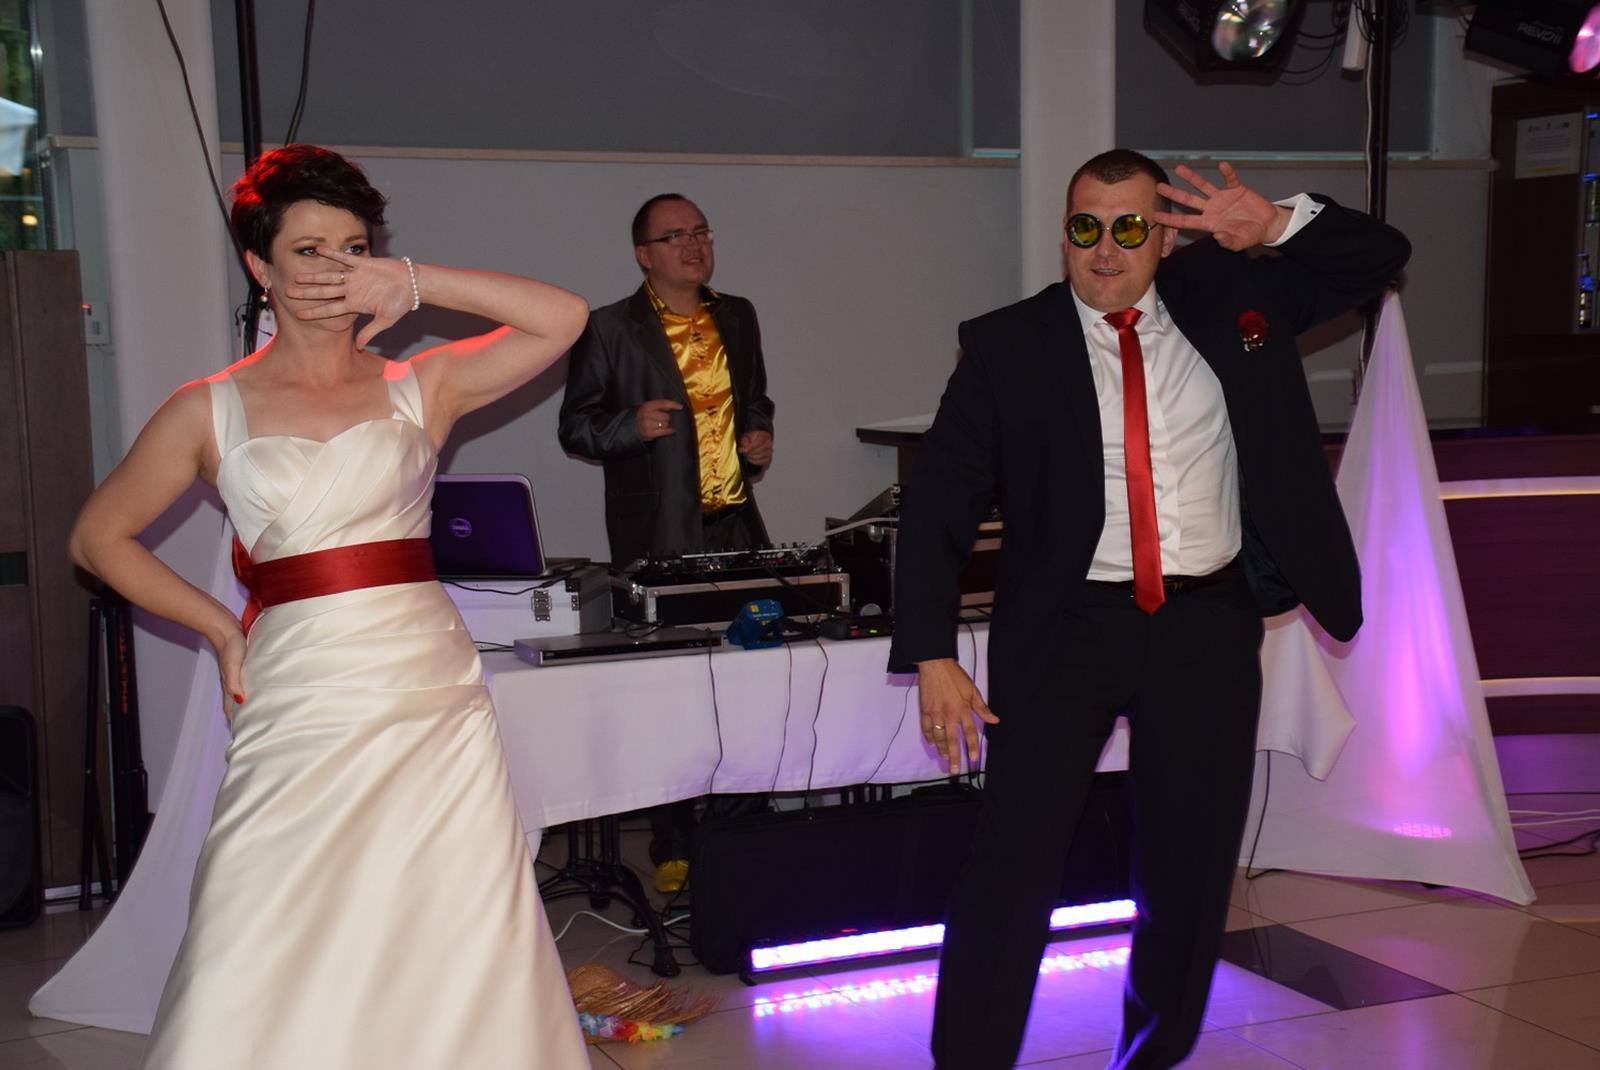 db832b4a36 Pierwszy taniec na weselu - praktyczne porady